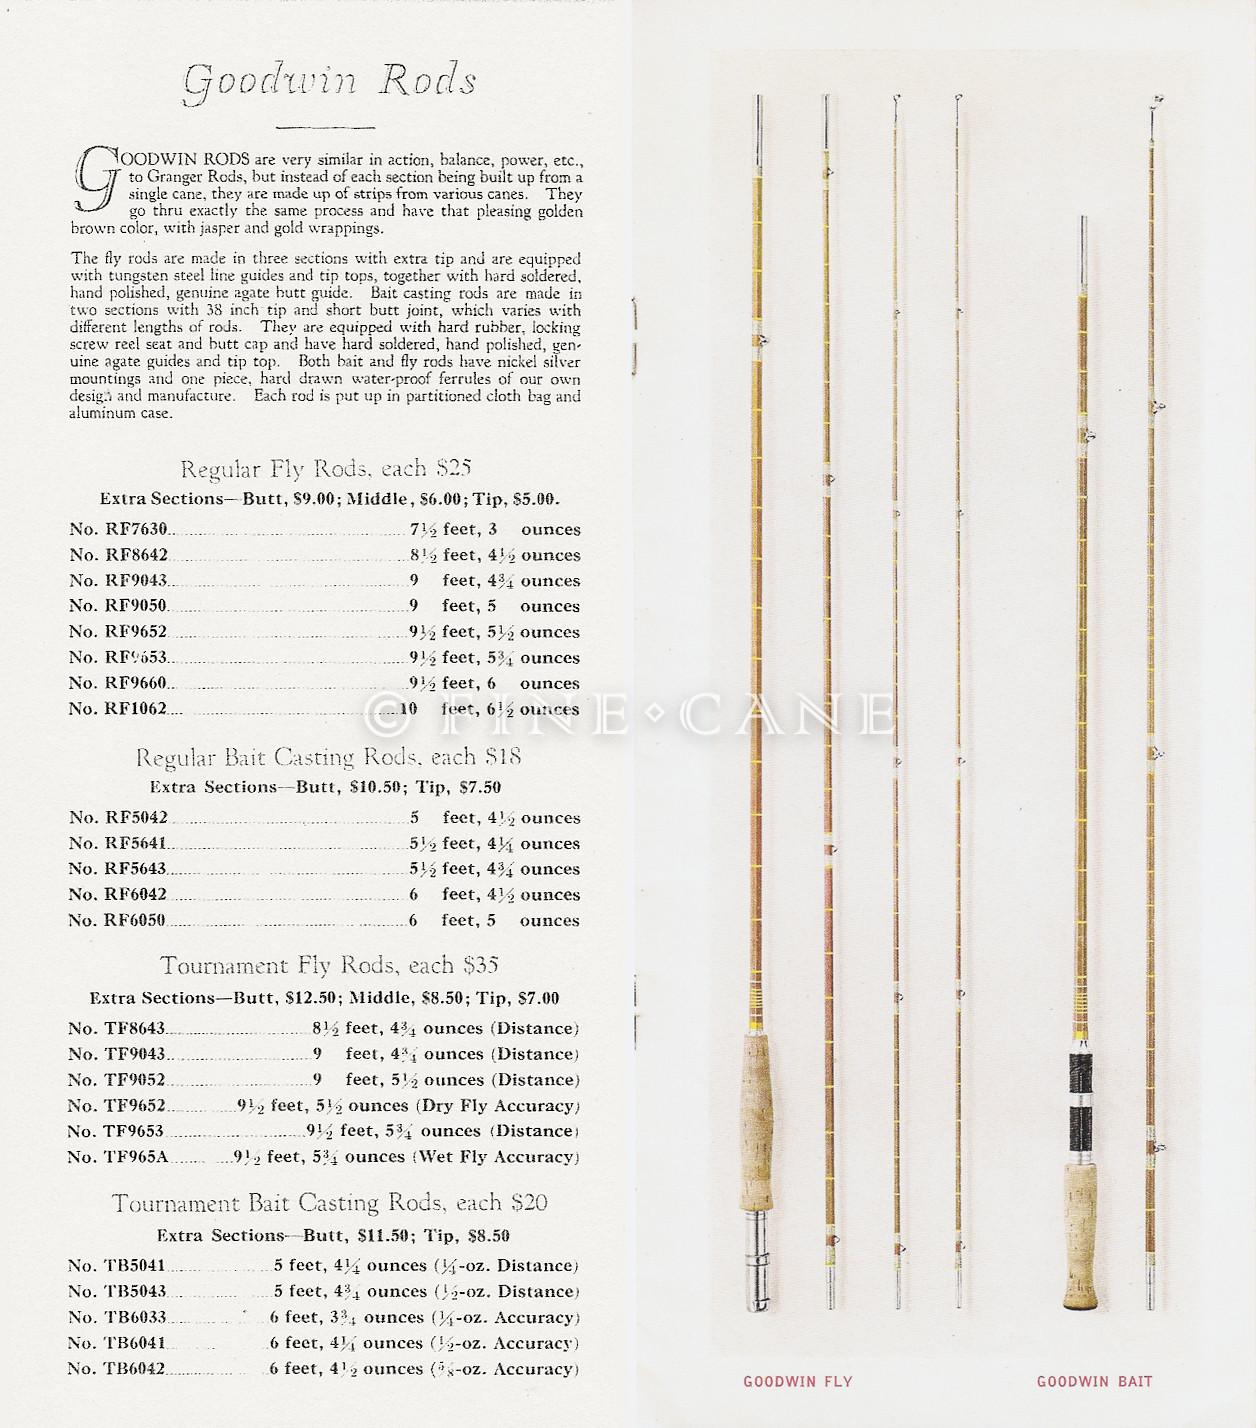 1927 Goodwin Granger Catalog Goodwin Rods